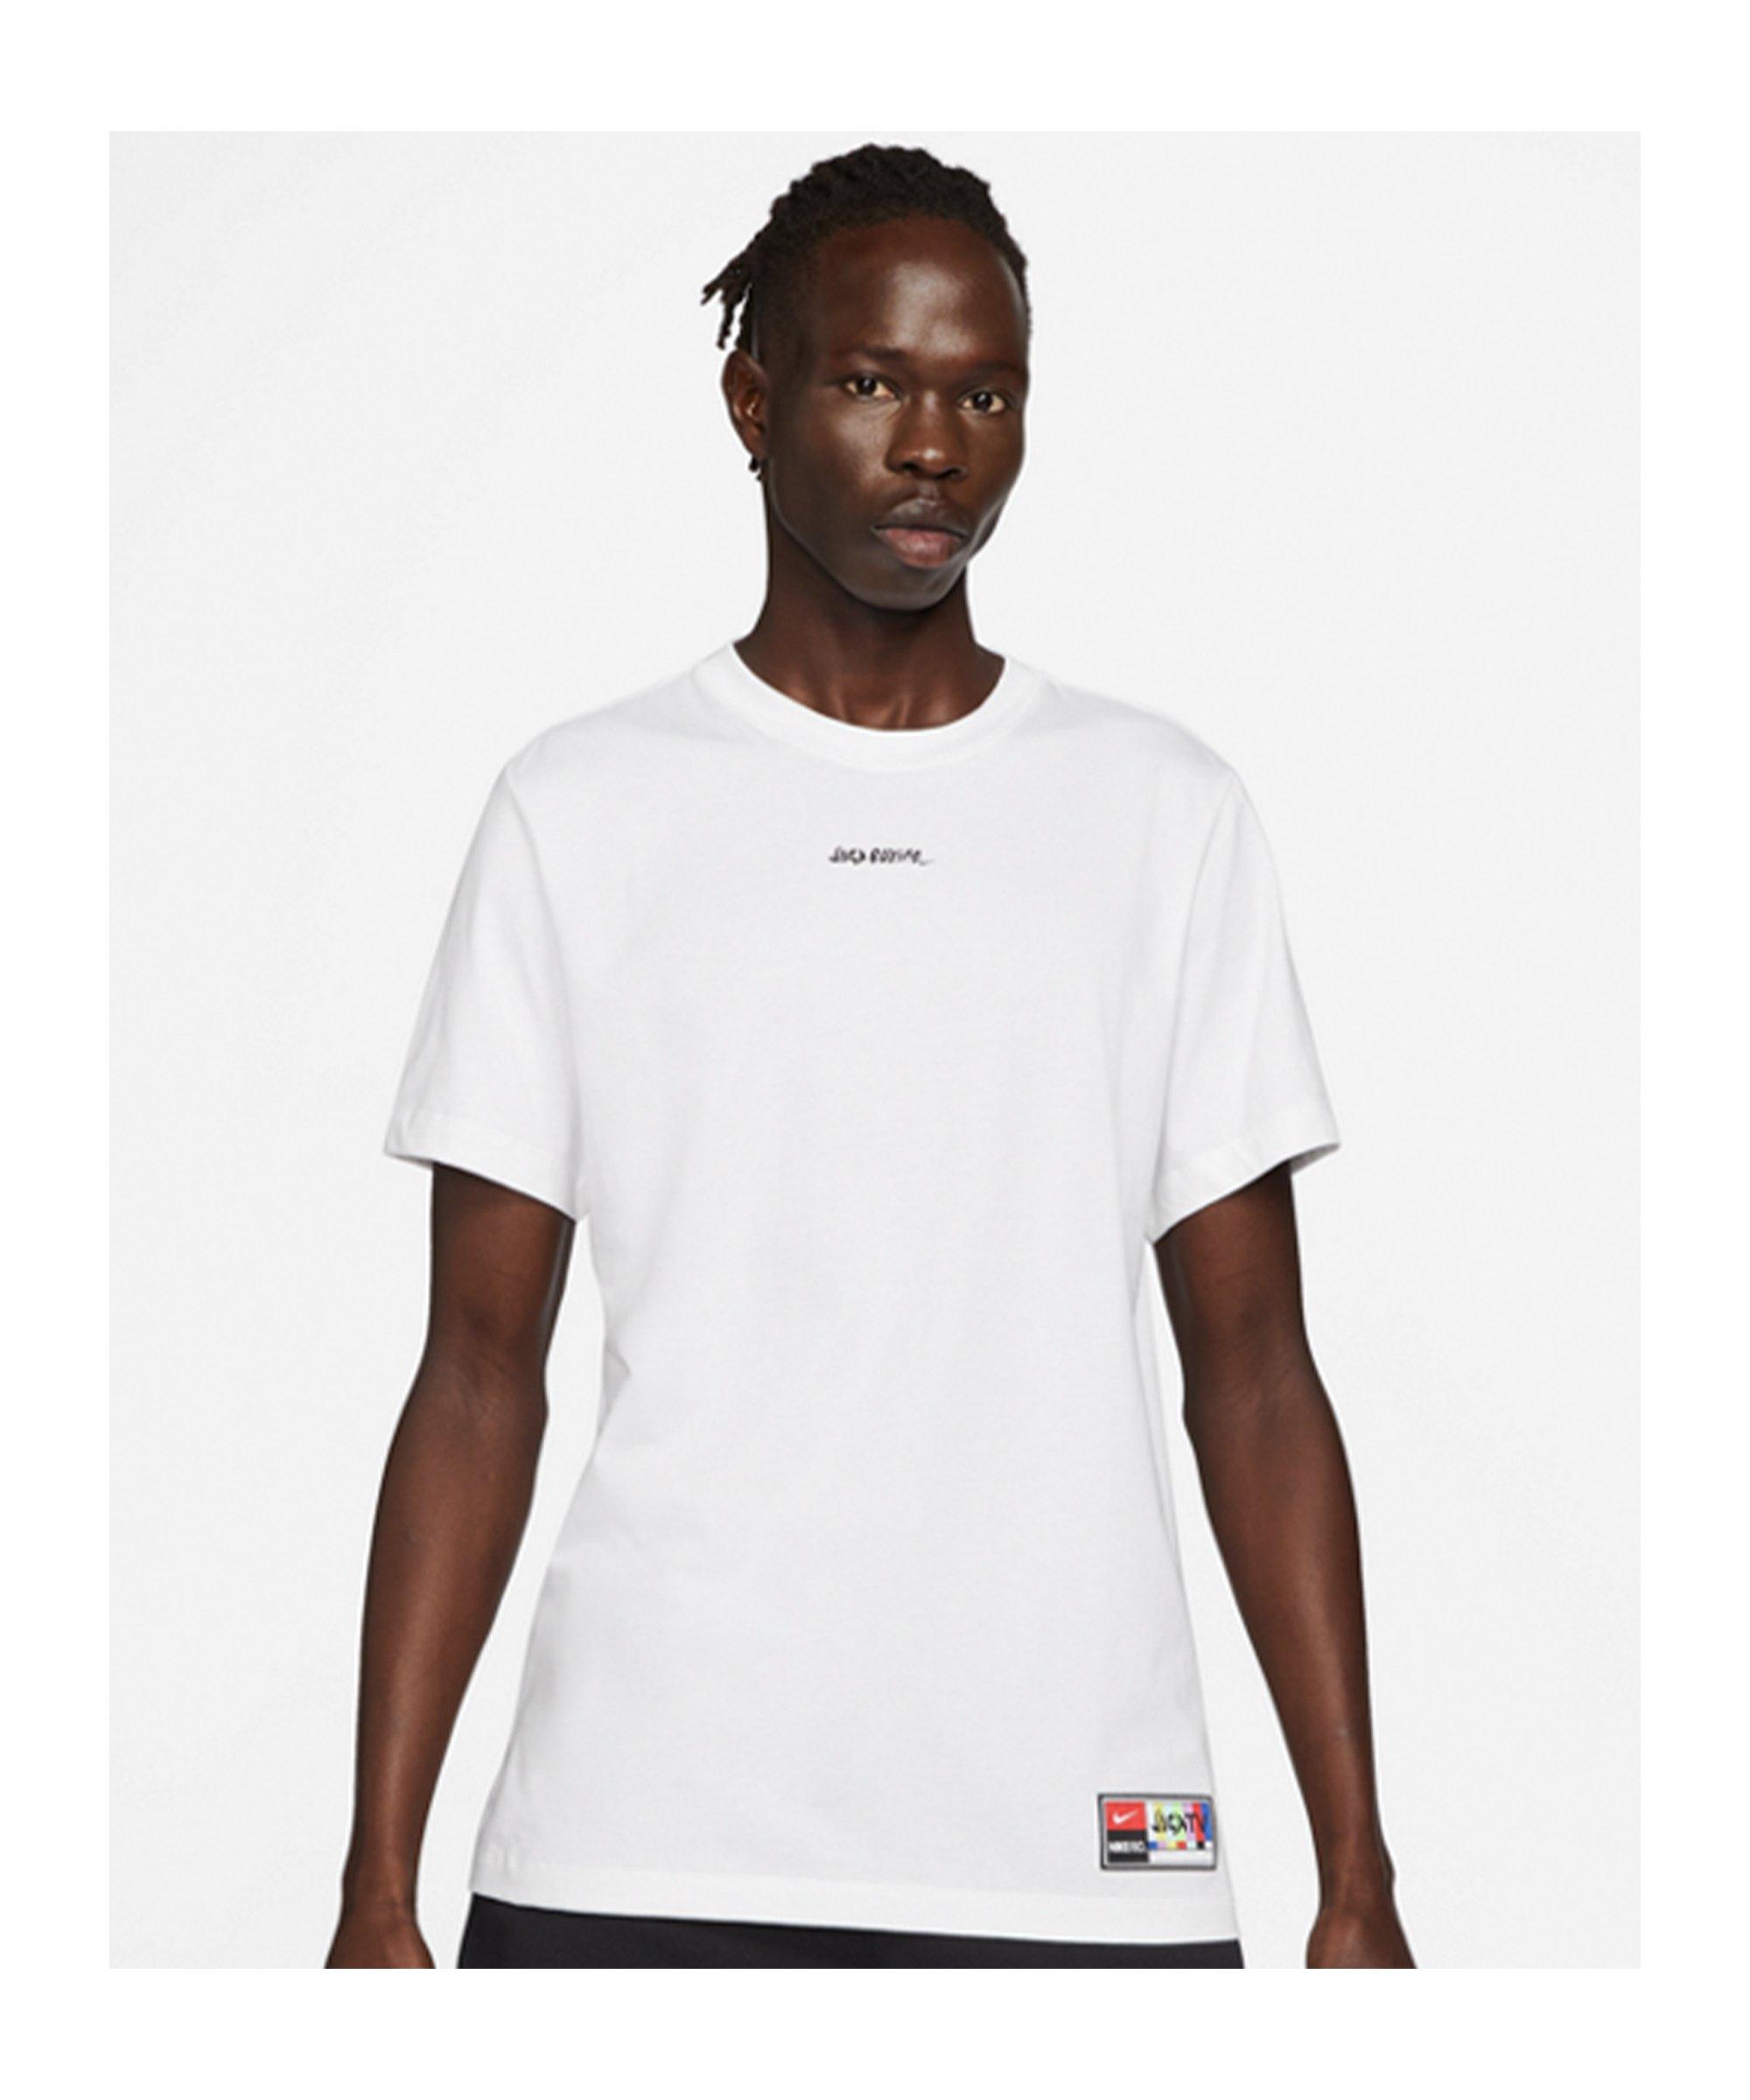 Nike F.C. LBR Joga Bonito T-Shirt Weiss F100 - weiss